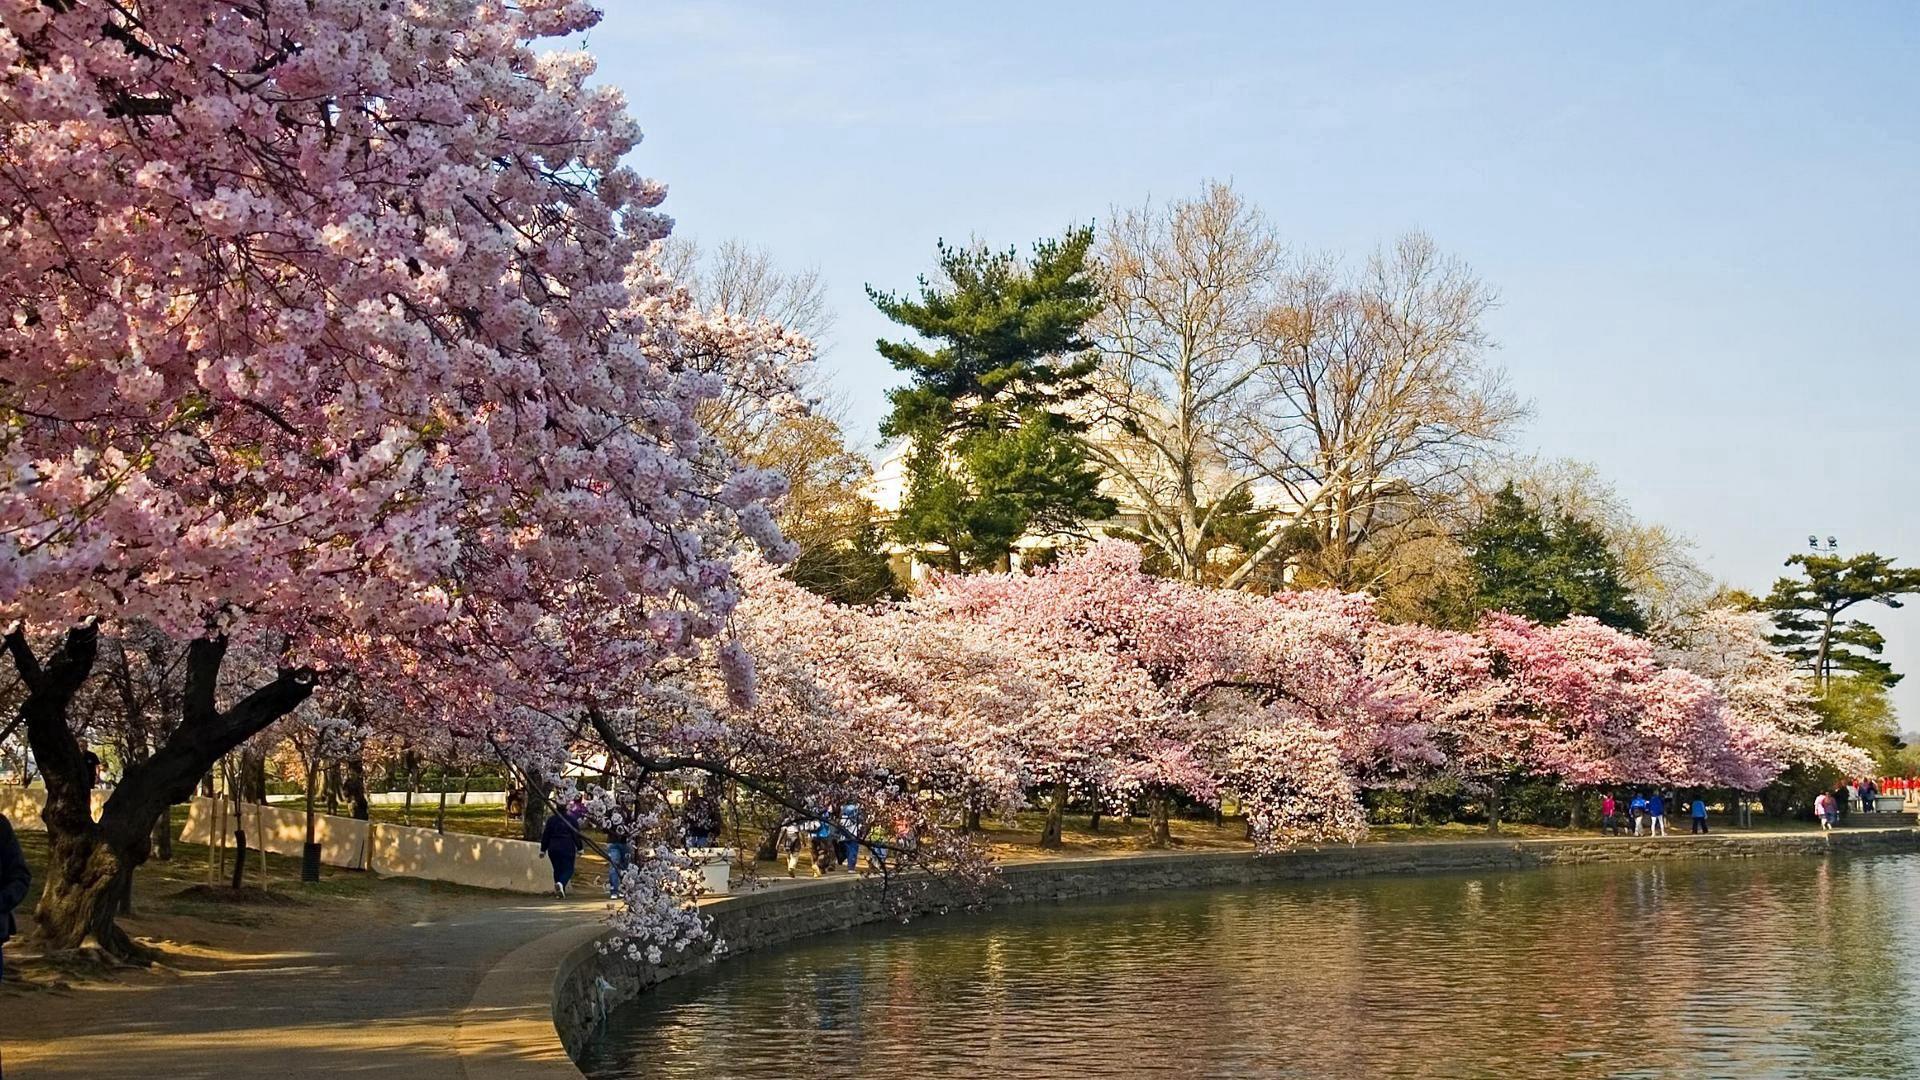 73873壁紙のダウンロード自然, 公園, 木, 春, 池-スクリーンセーバーと写真を無料で